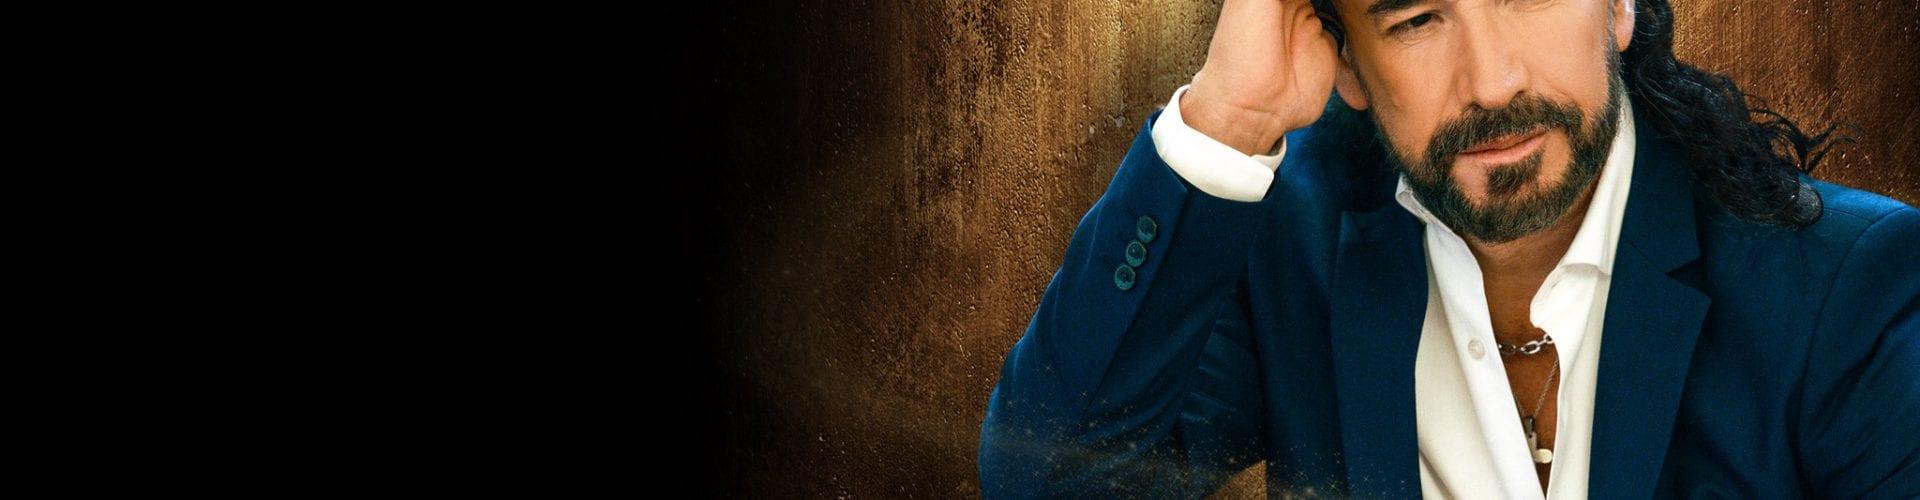 Marco Antonio Solis Tops Mid-Week Best-Seller List